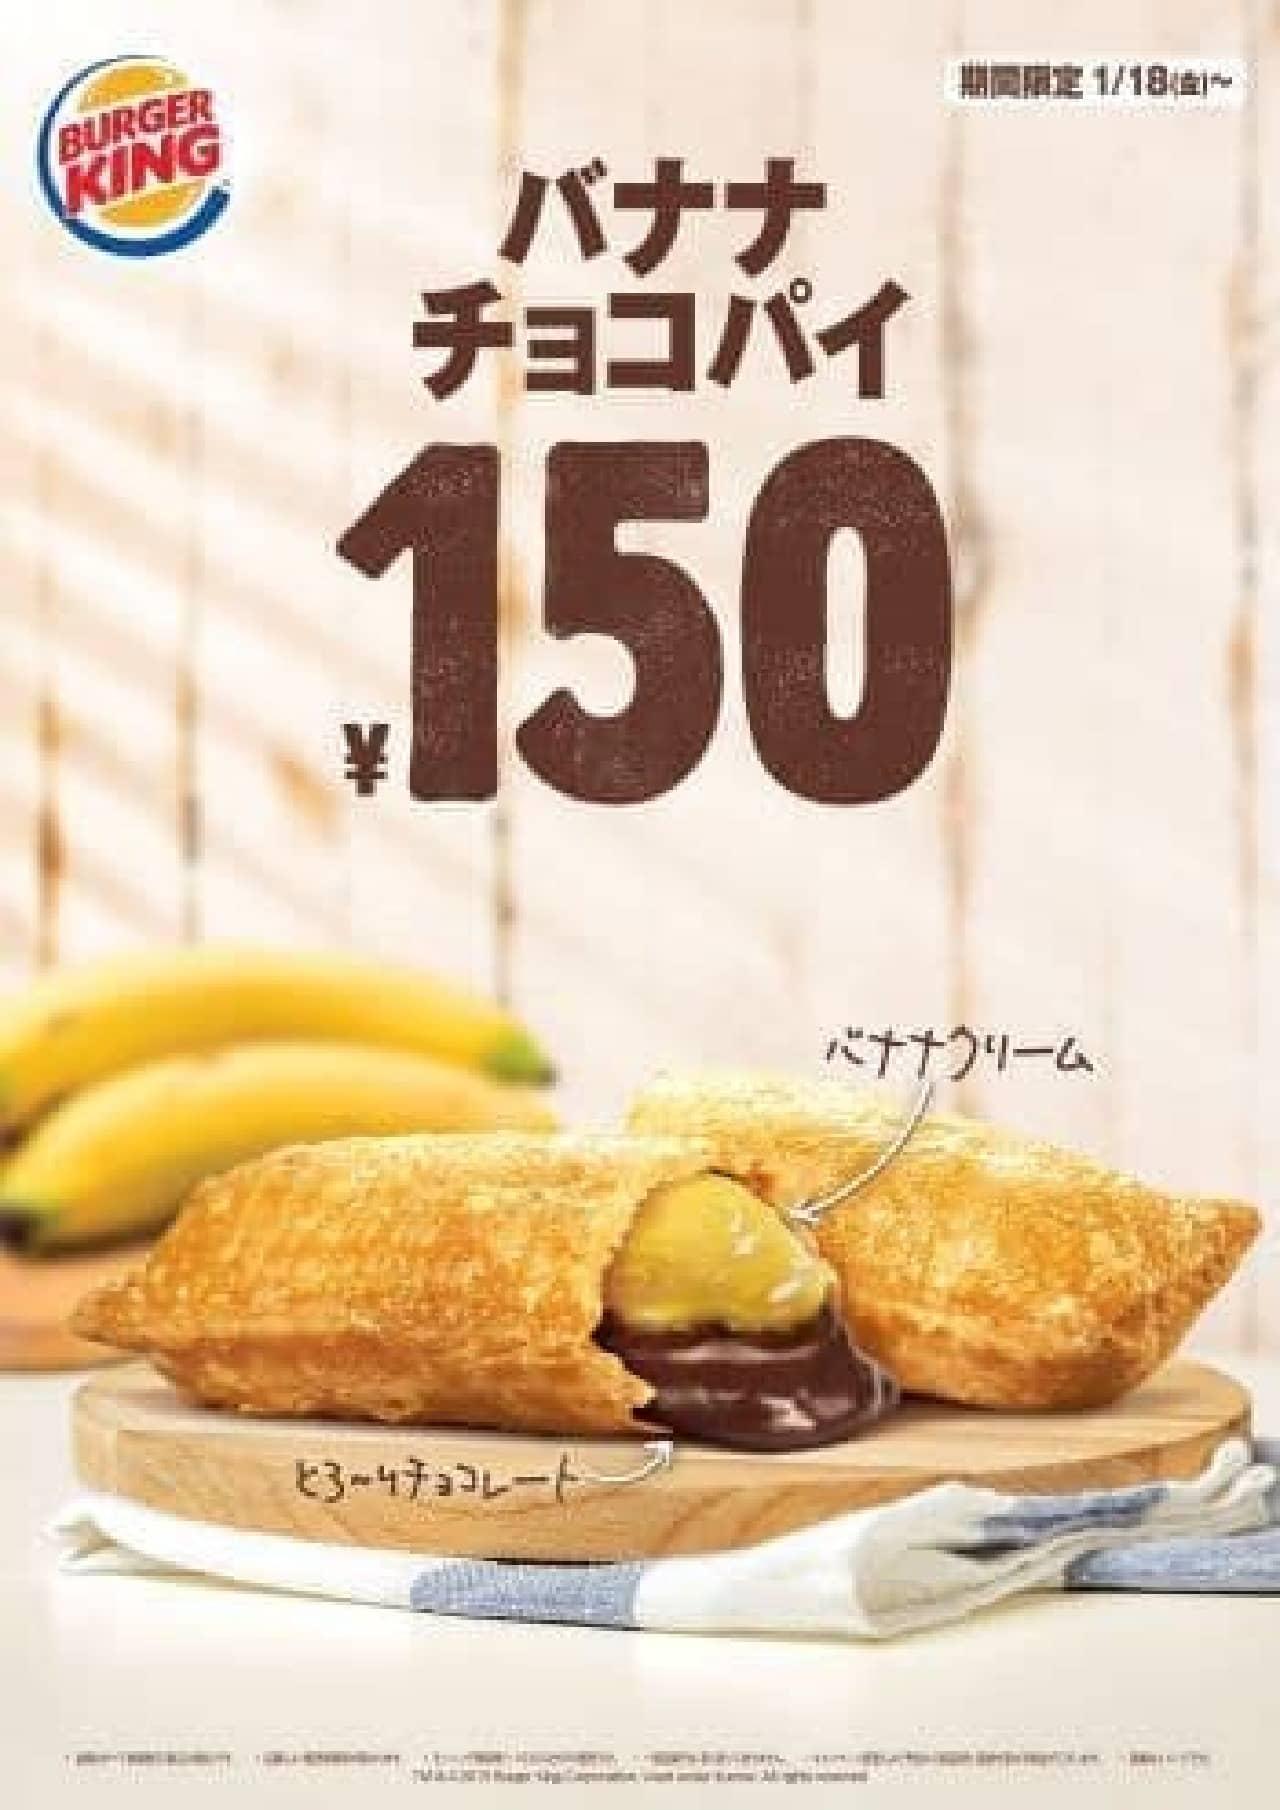 バーガーキングの「バナナチョコパイ」